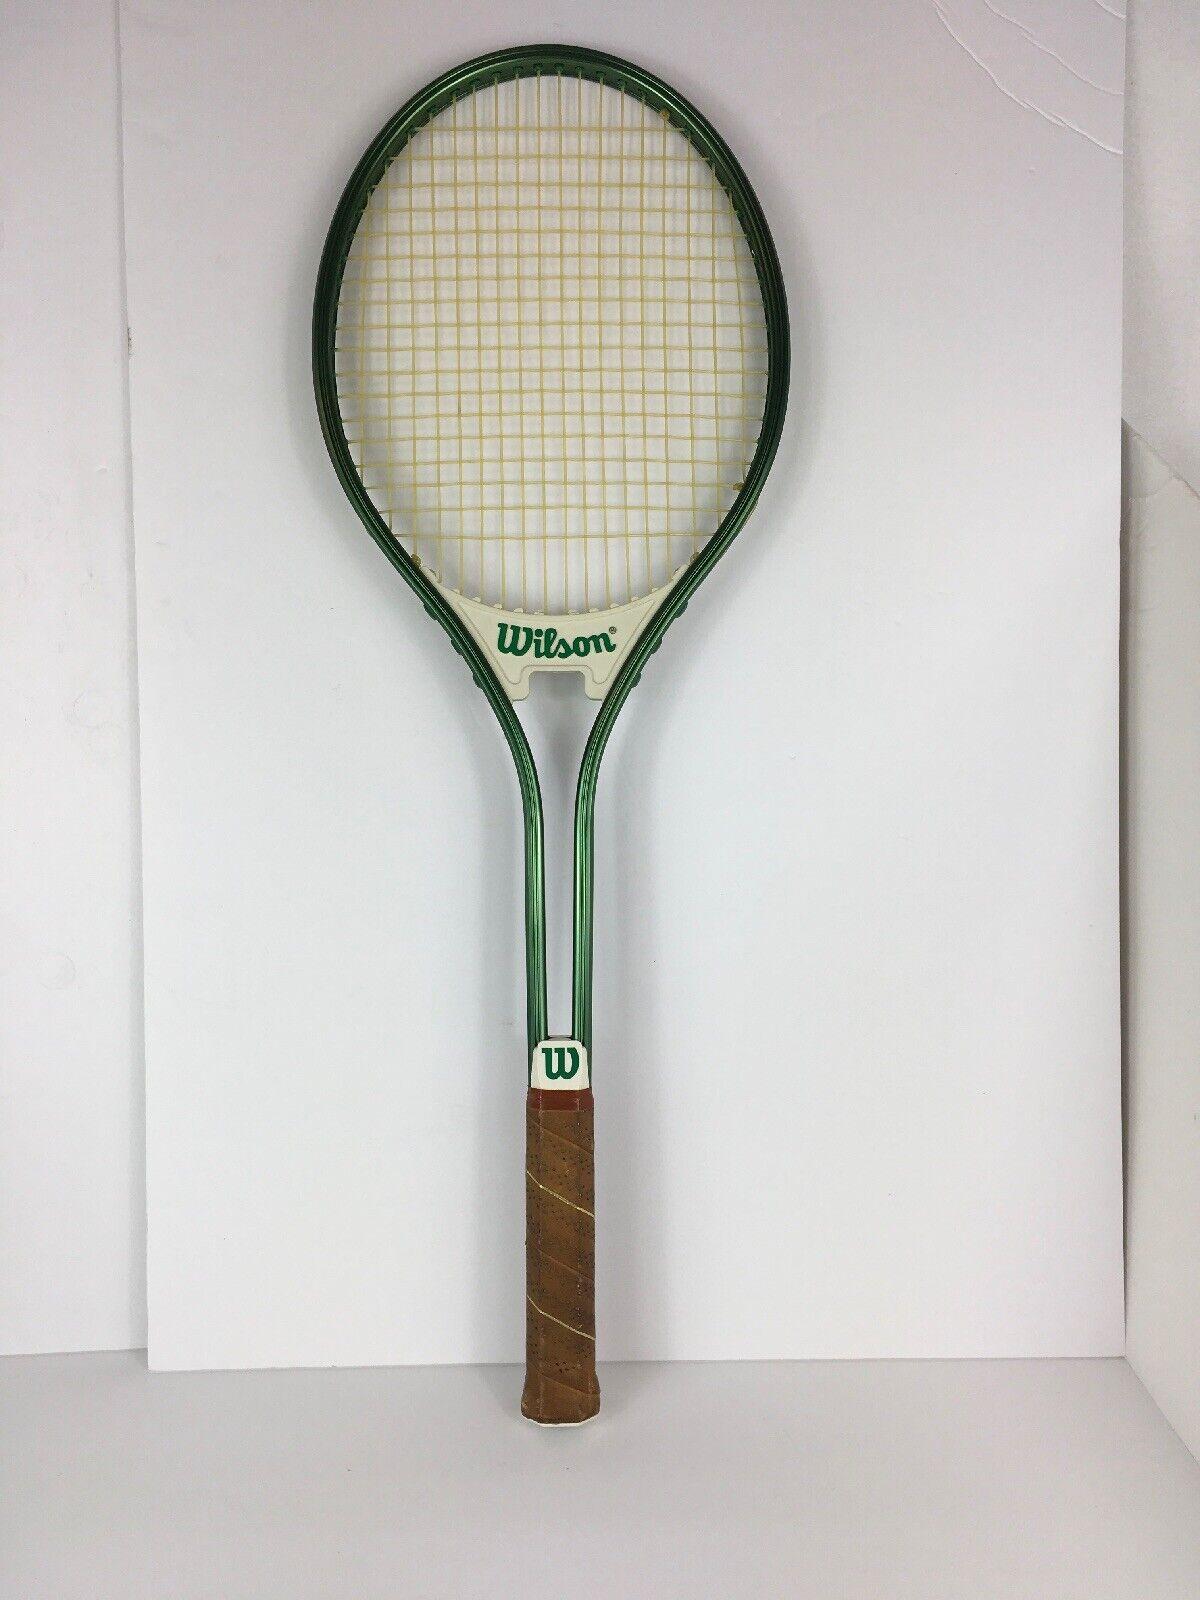 Wilson  APT 100 Grip L4 1 4  tenis raqueta con Cubierta Hecha en Japón  alta calidad general